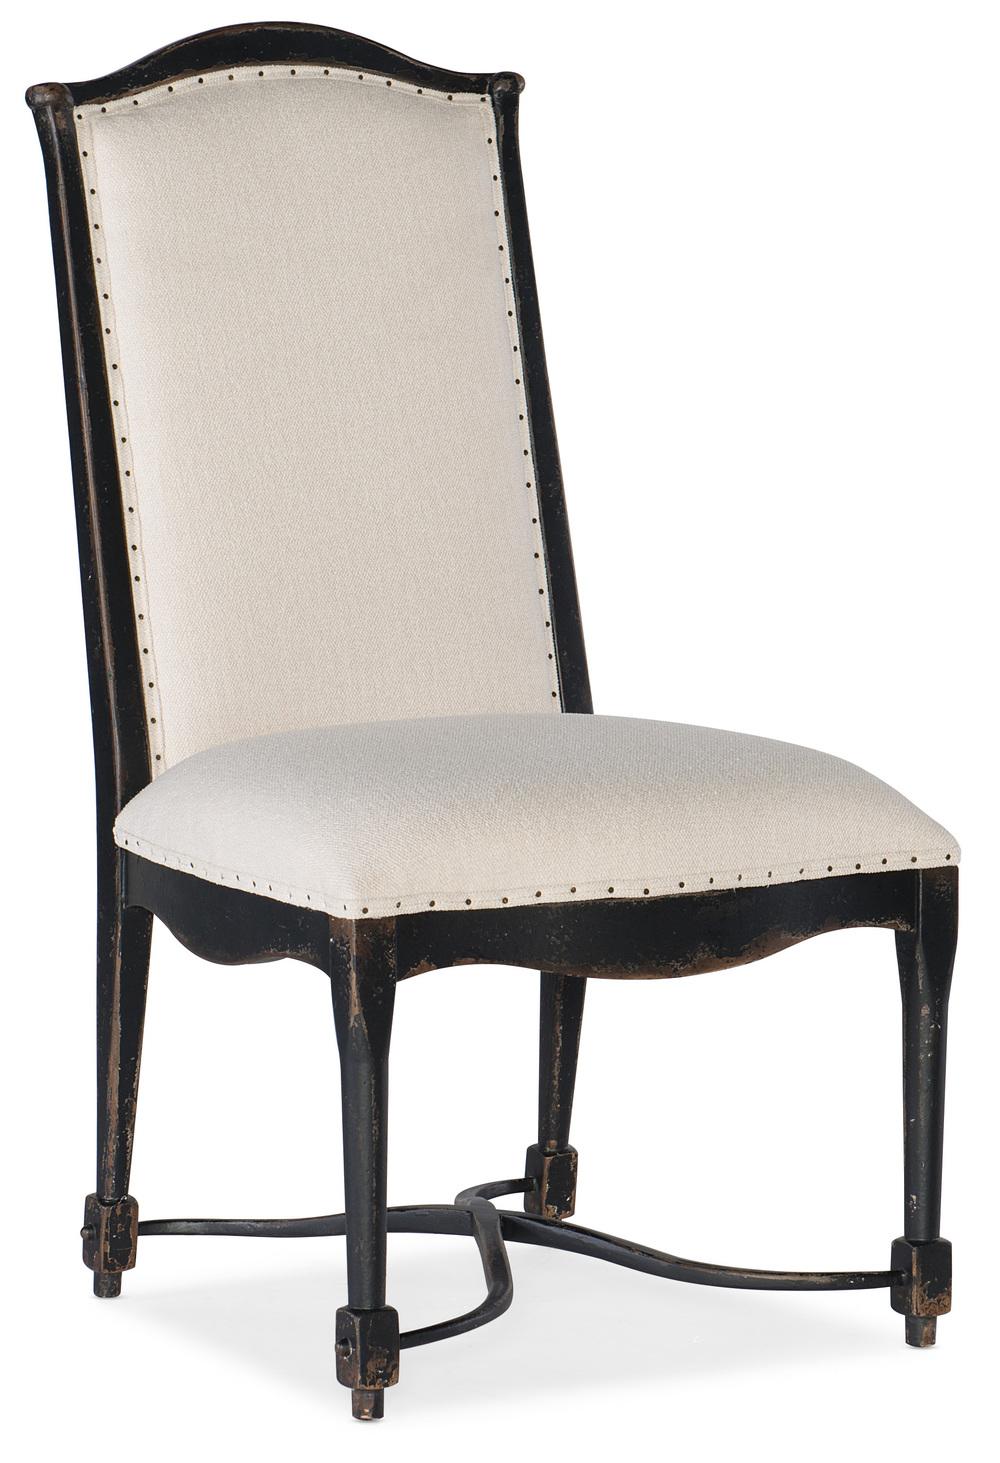 Hooker Furniture - Upholstered Back Side Chair